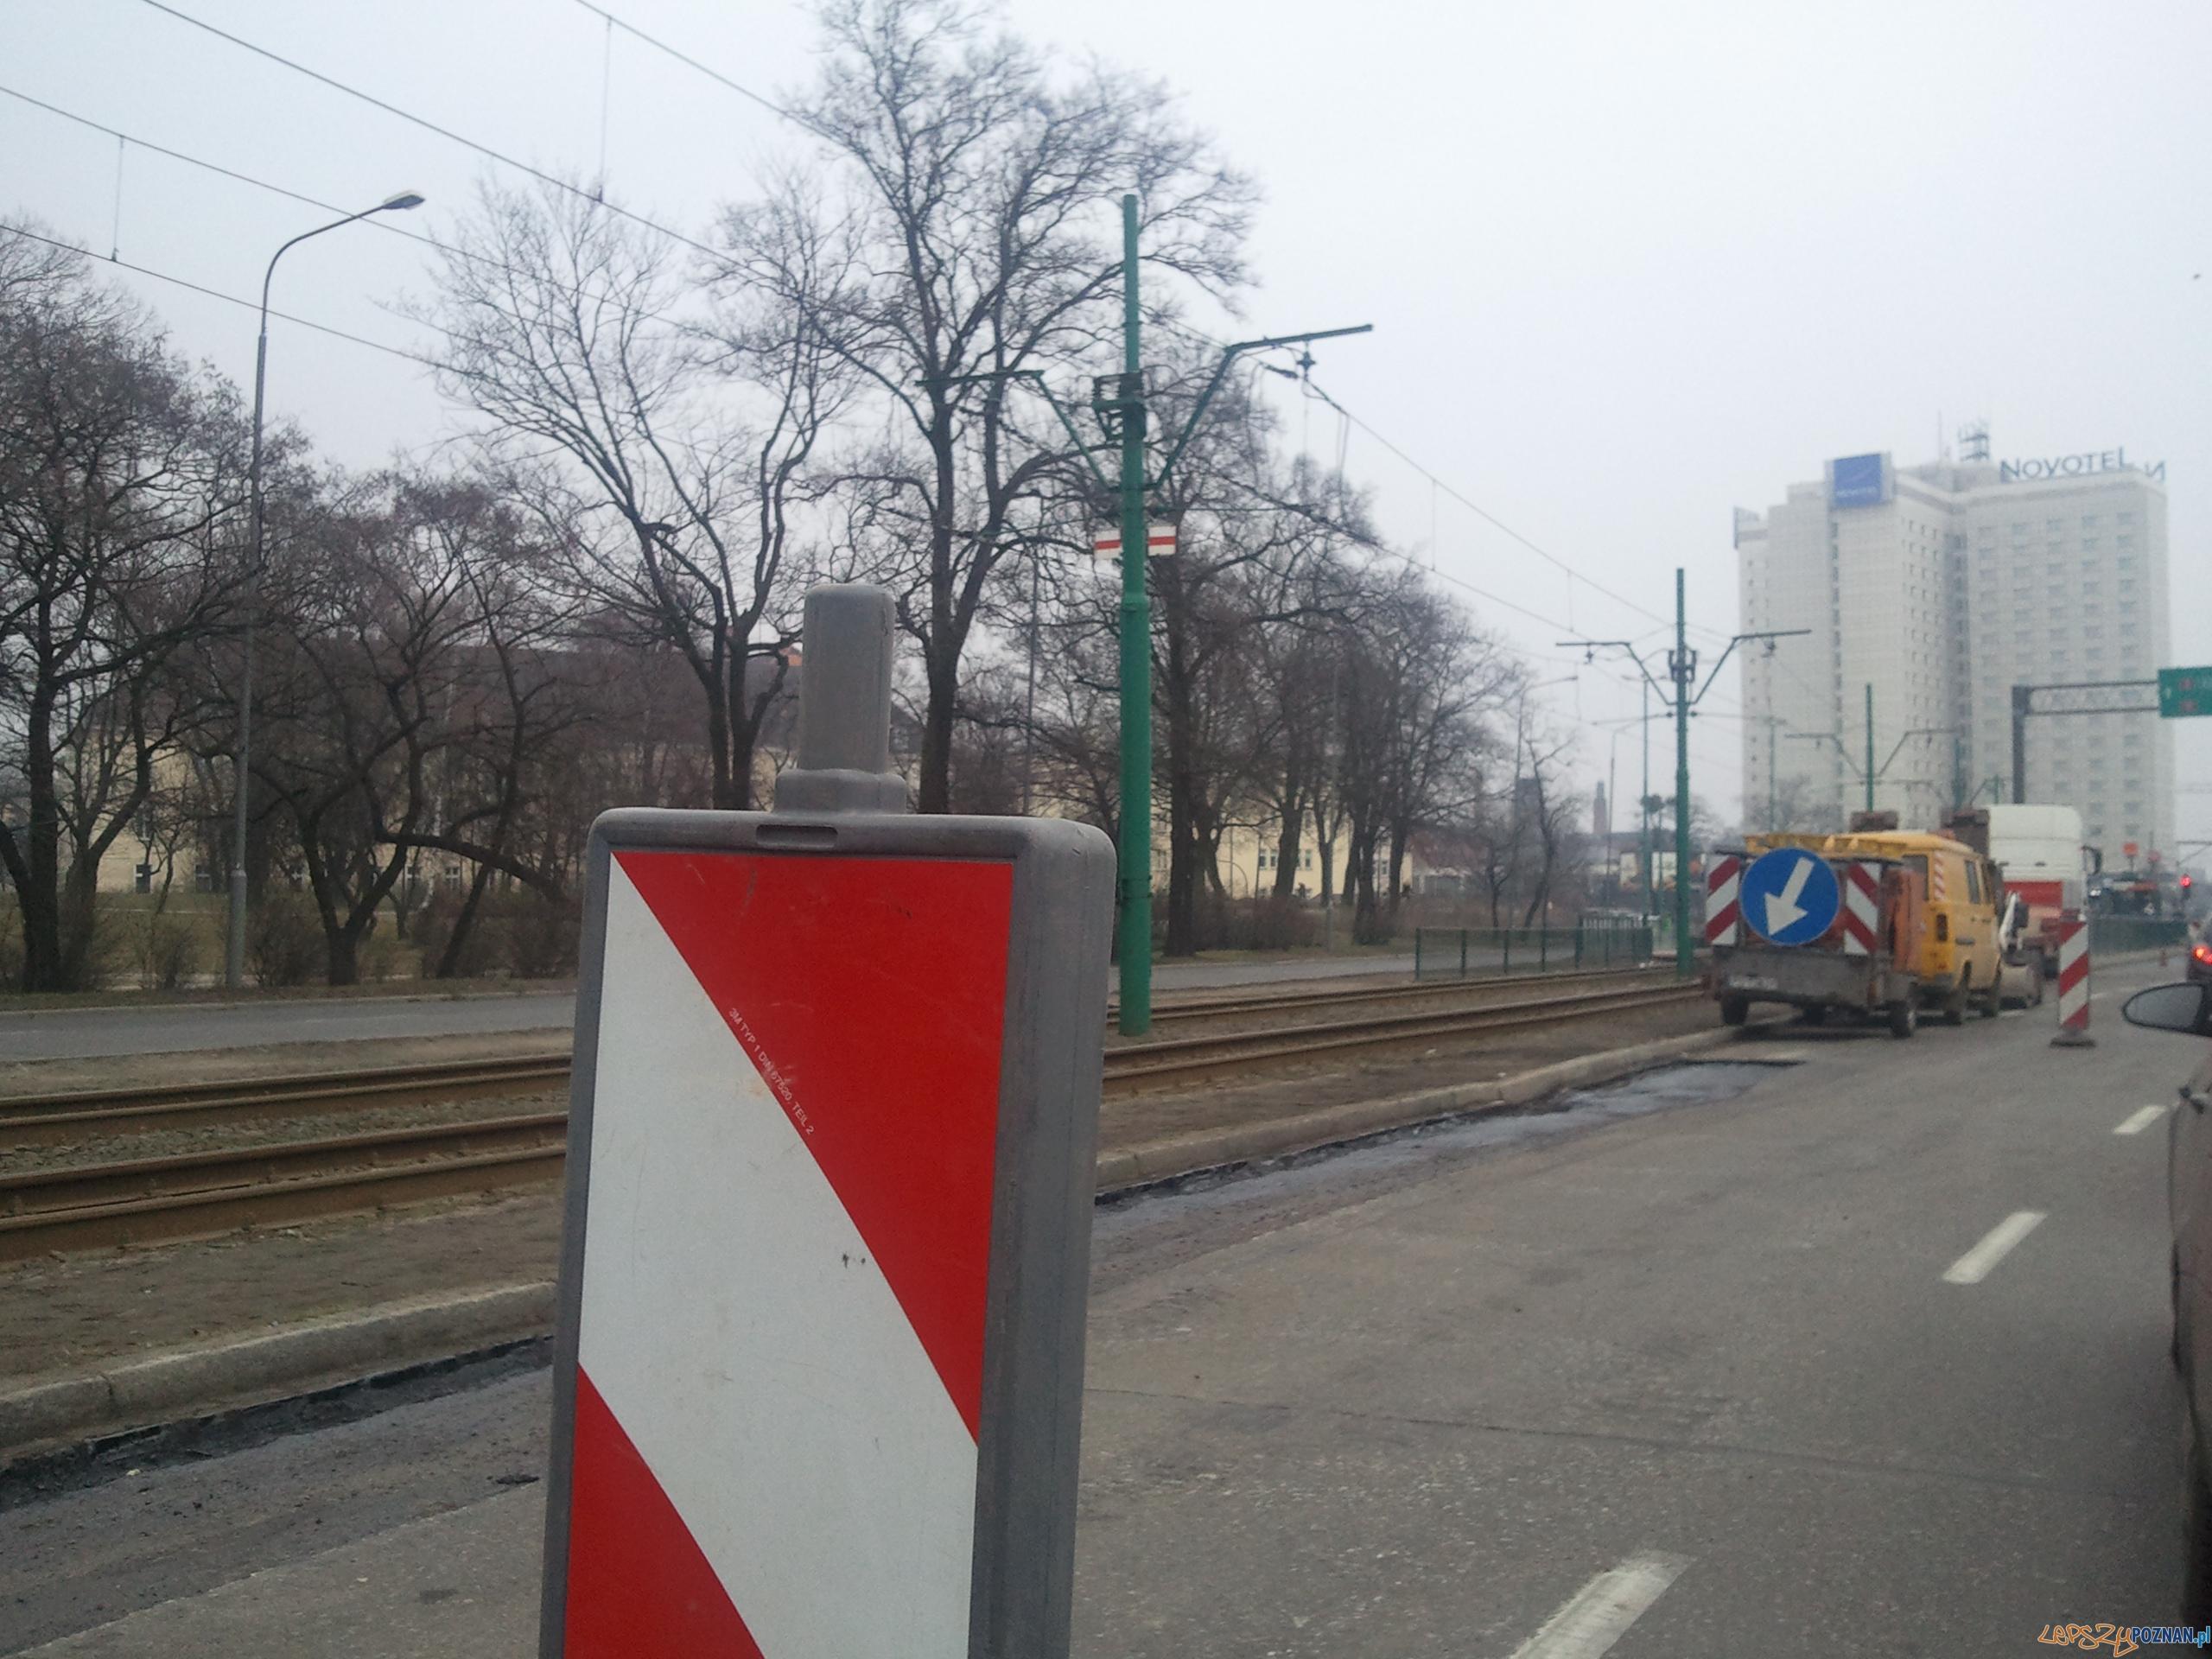 Utrudnienia przy Dworcu PKS  Foto: lepszyPOZNAN.pl / gsm